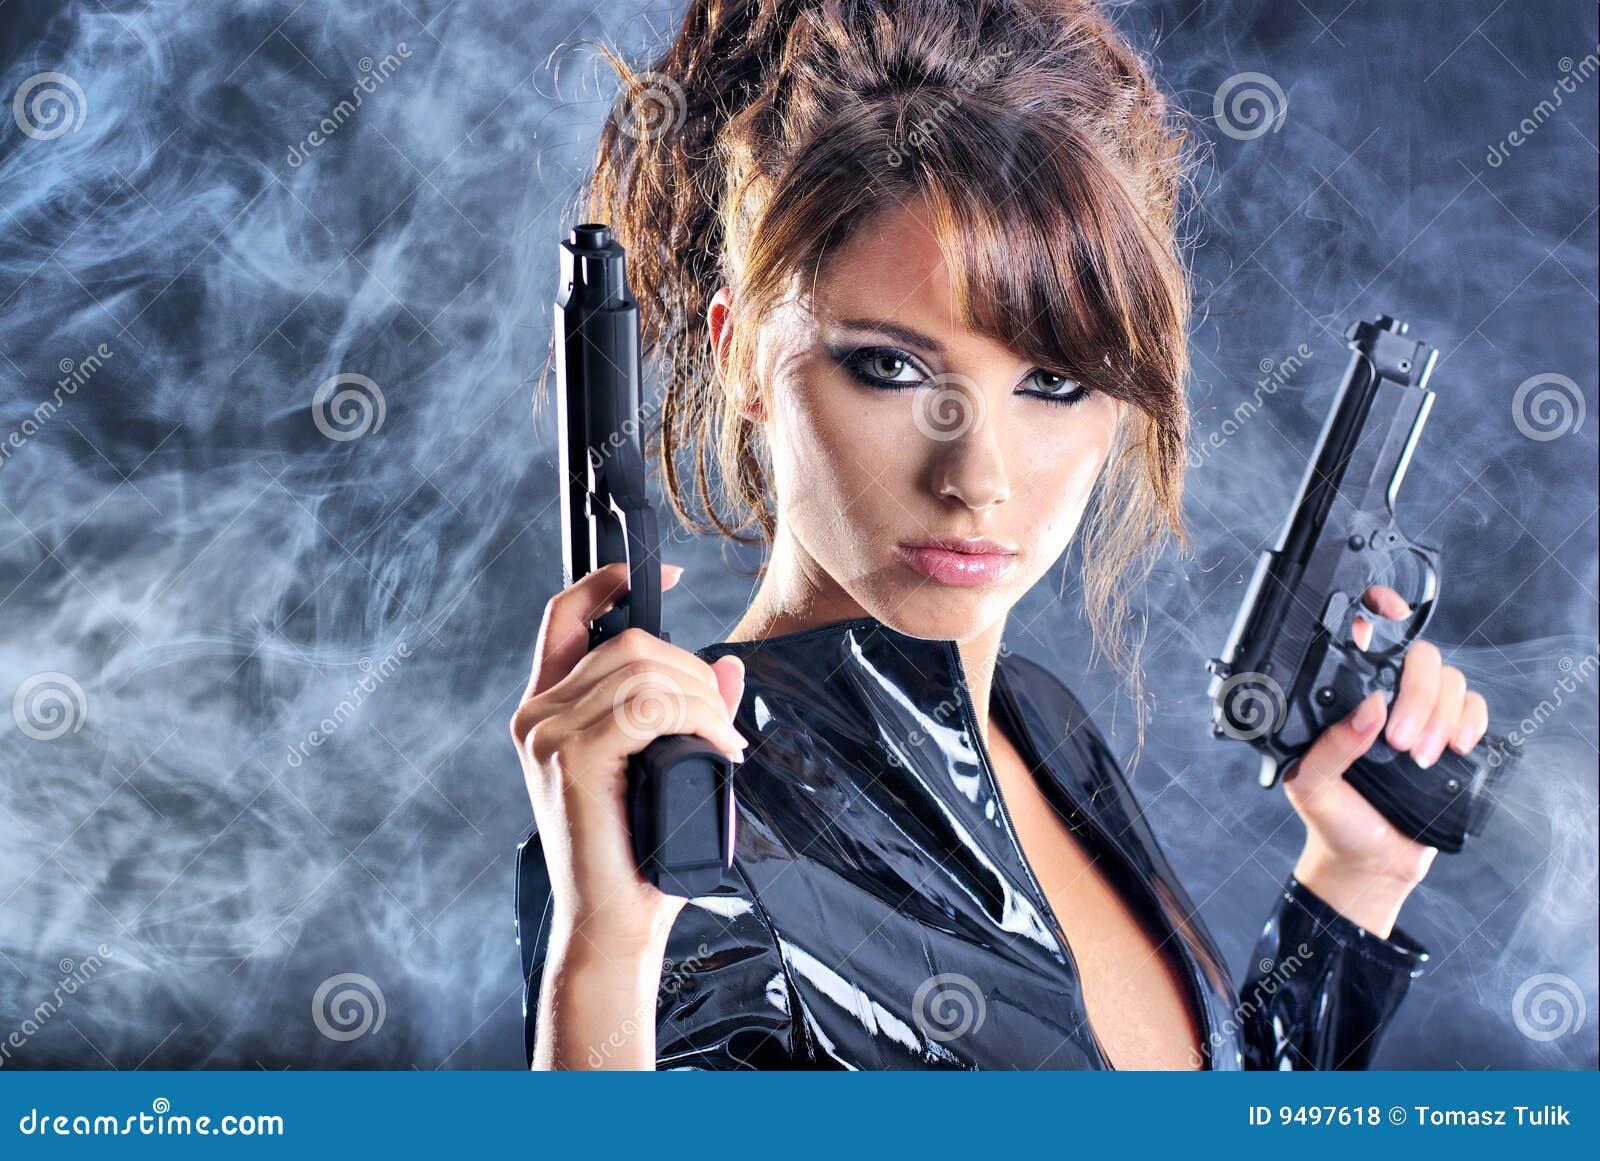 Asian girl gun wallpaper